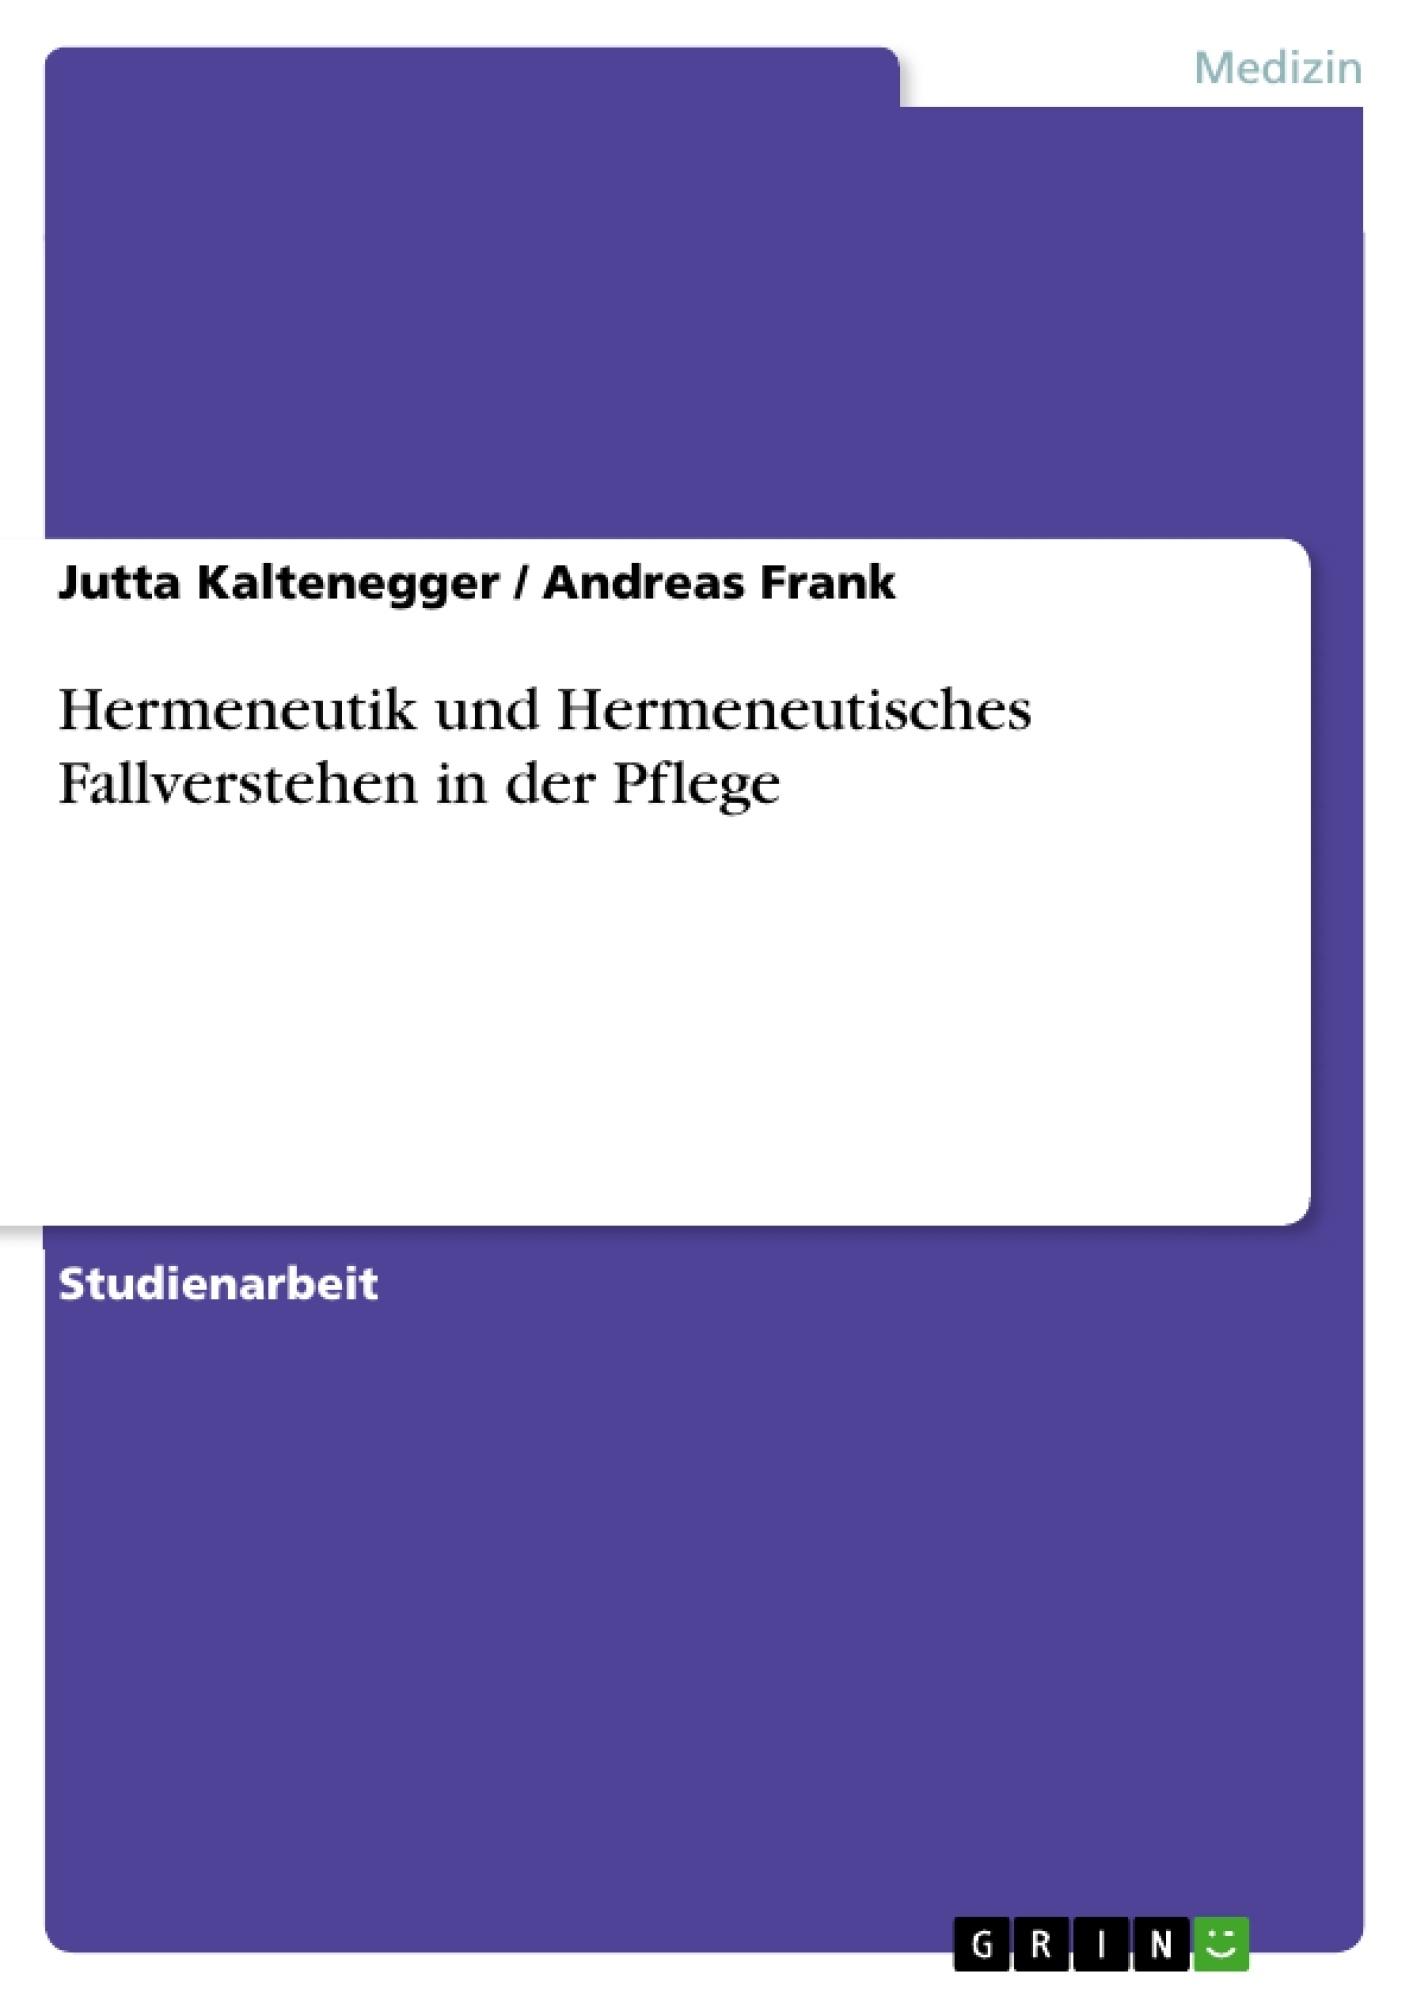 Titel: Hermeneutik und Hermeneutisches Fallverstehen in der Pflege